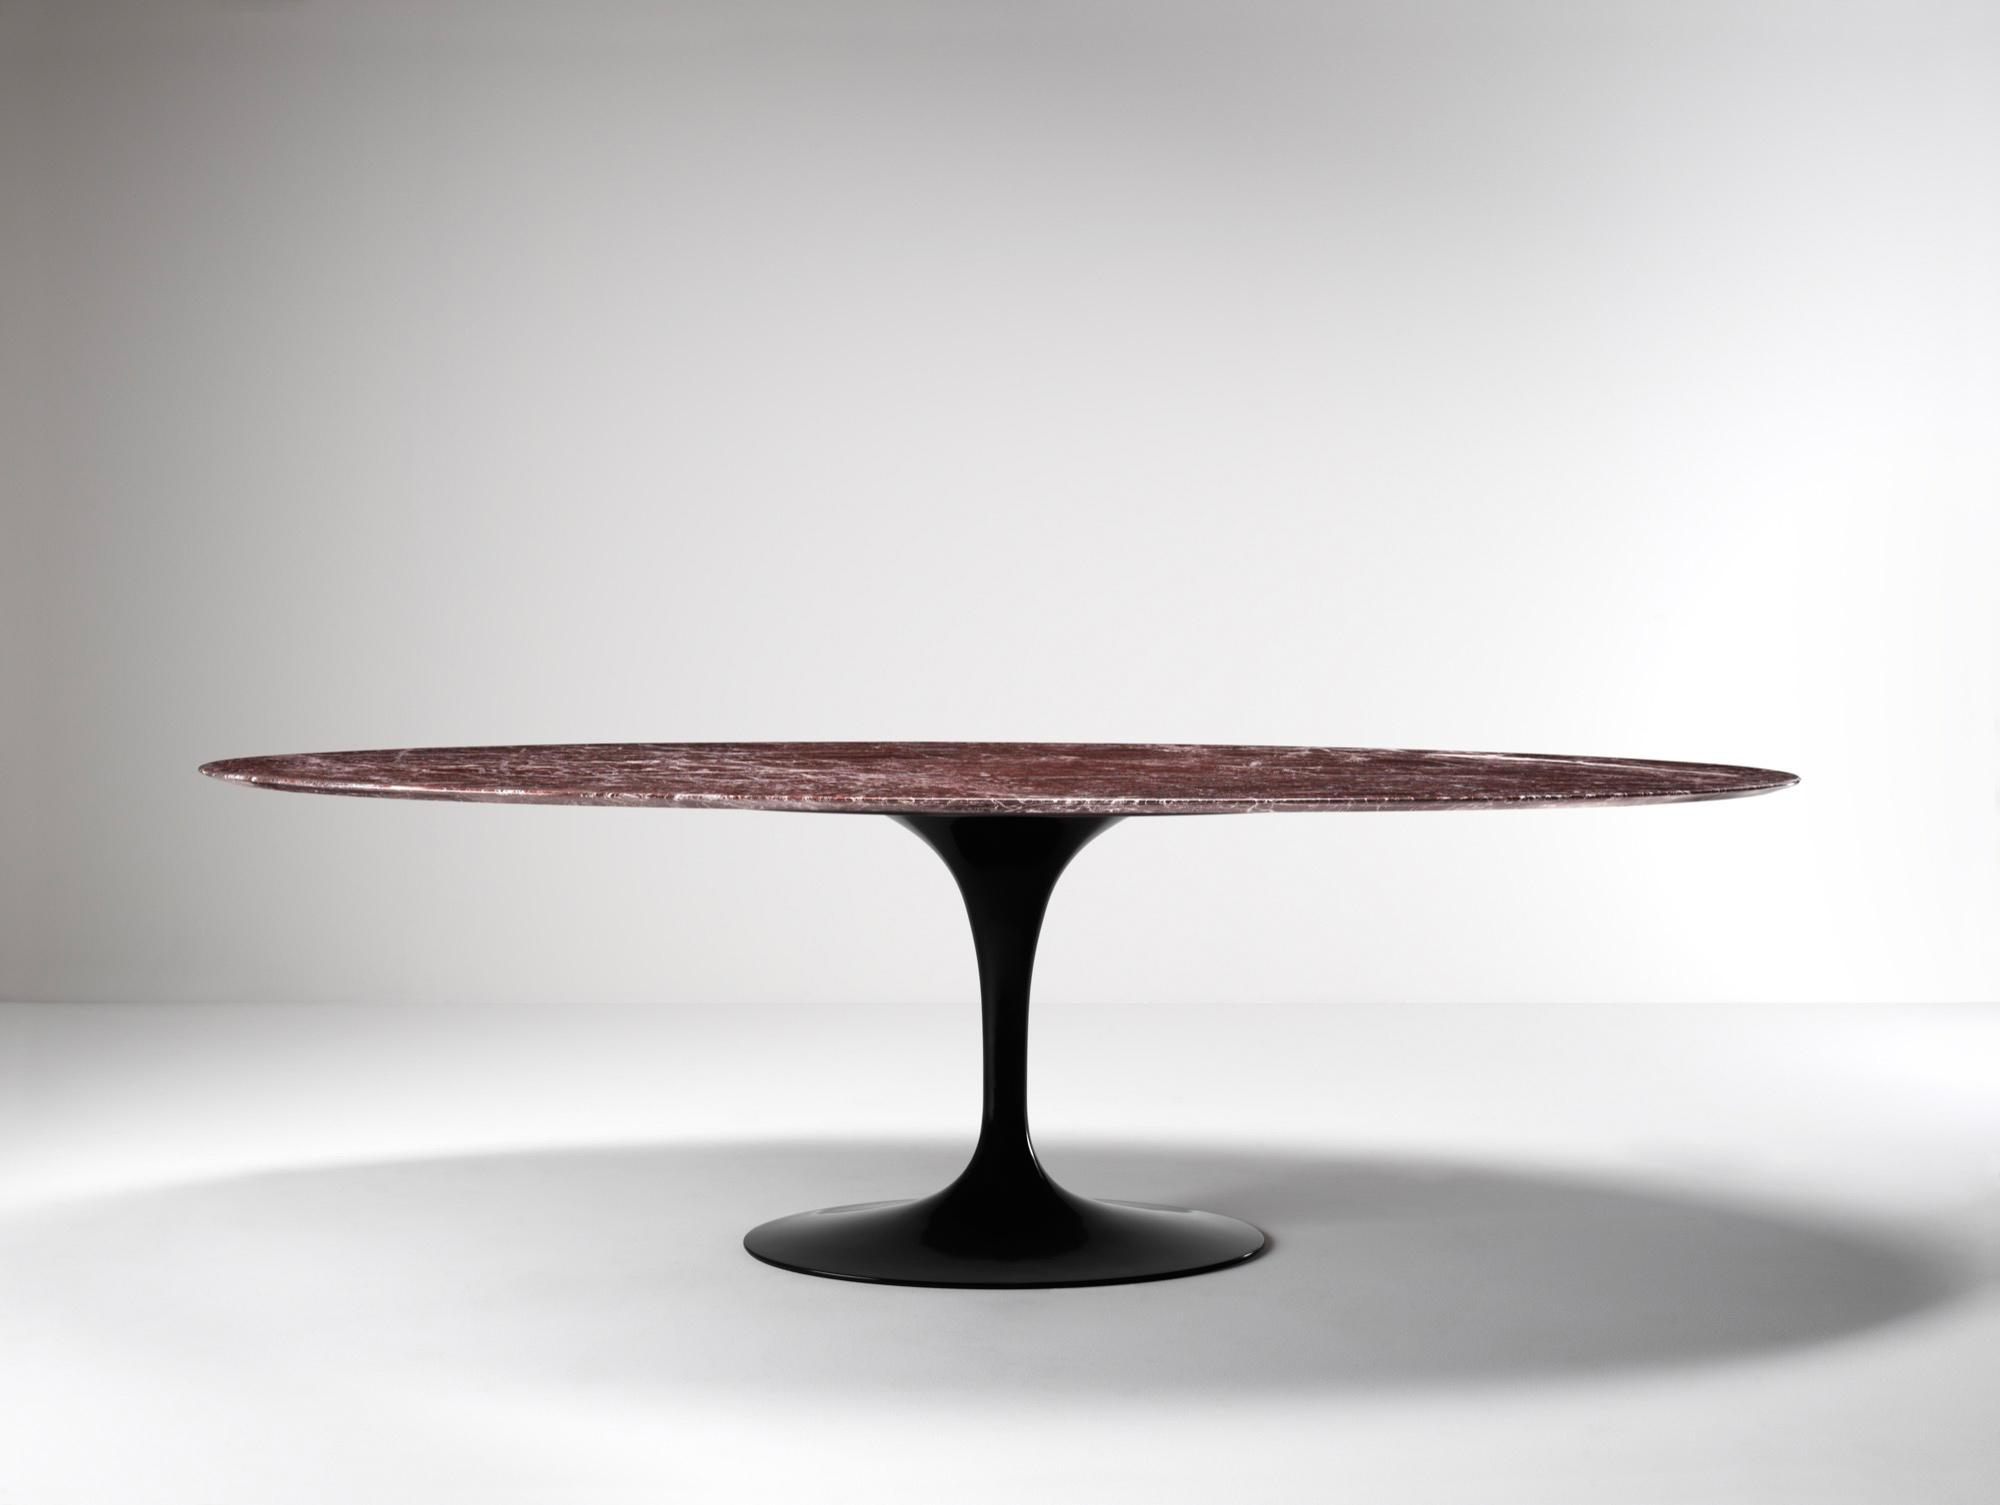 Tavolo Saarinen Dwg : Tavolo saarinen knoll table knoll ovale oveetech